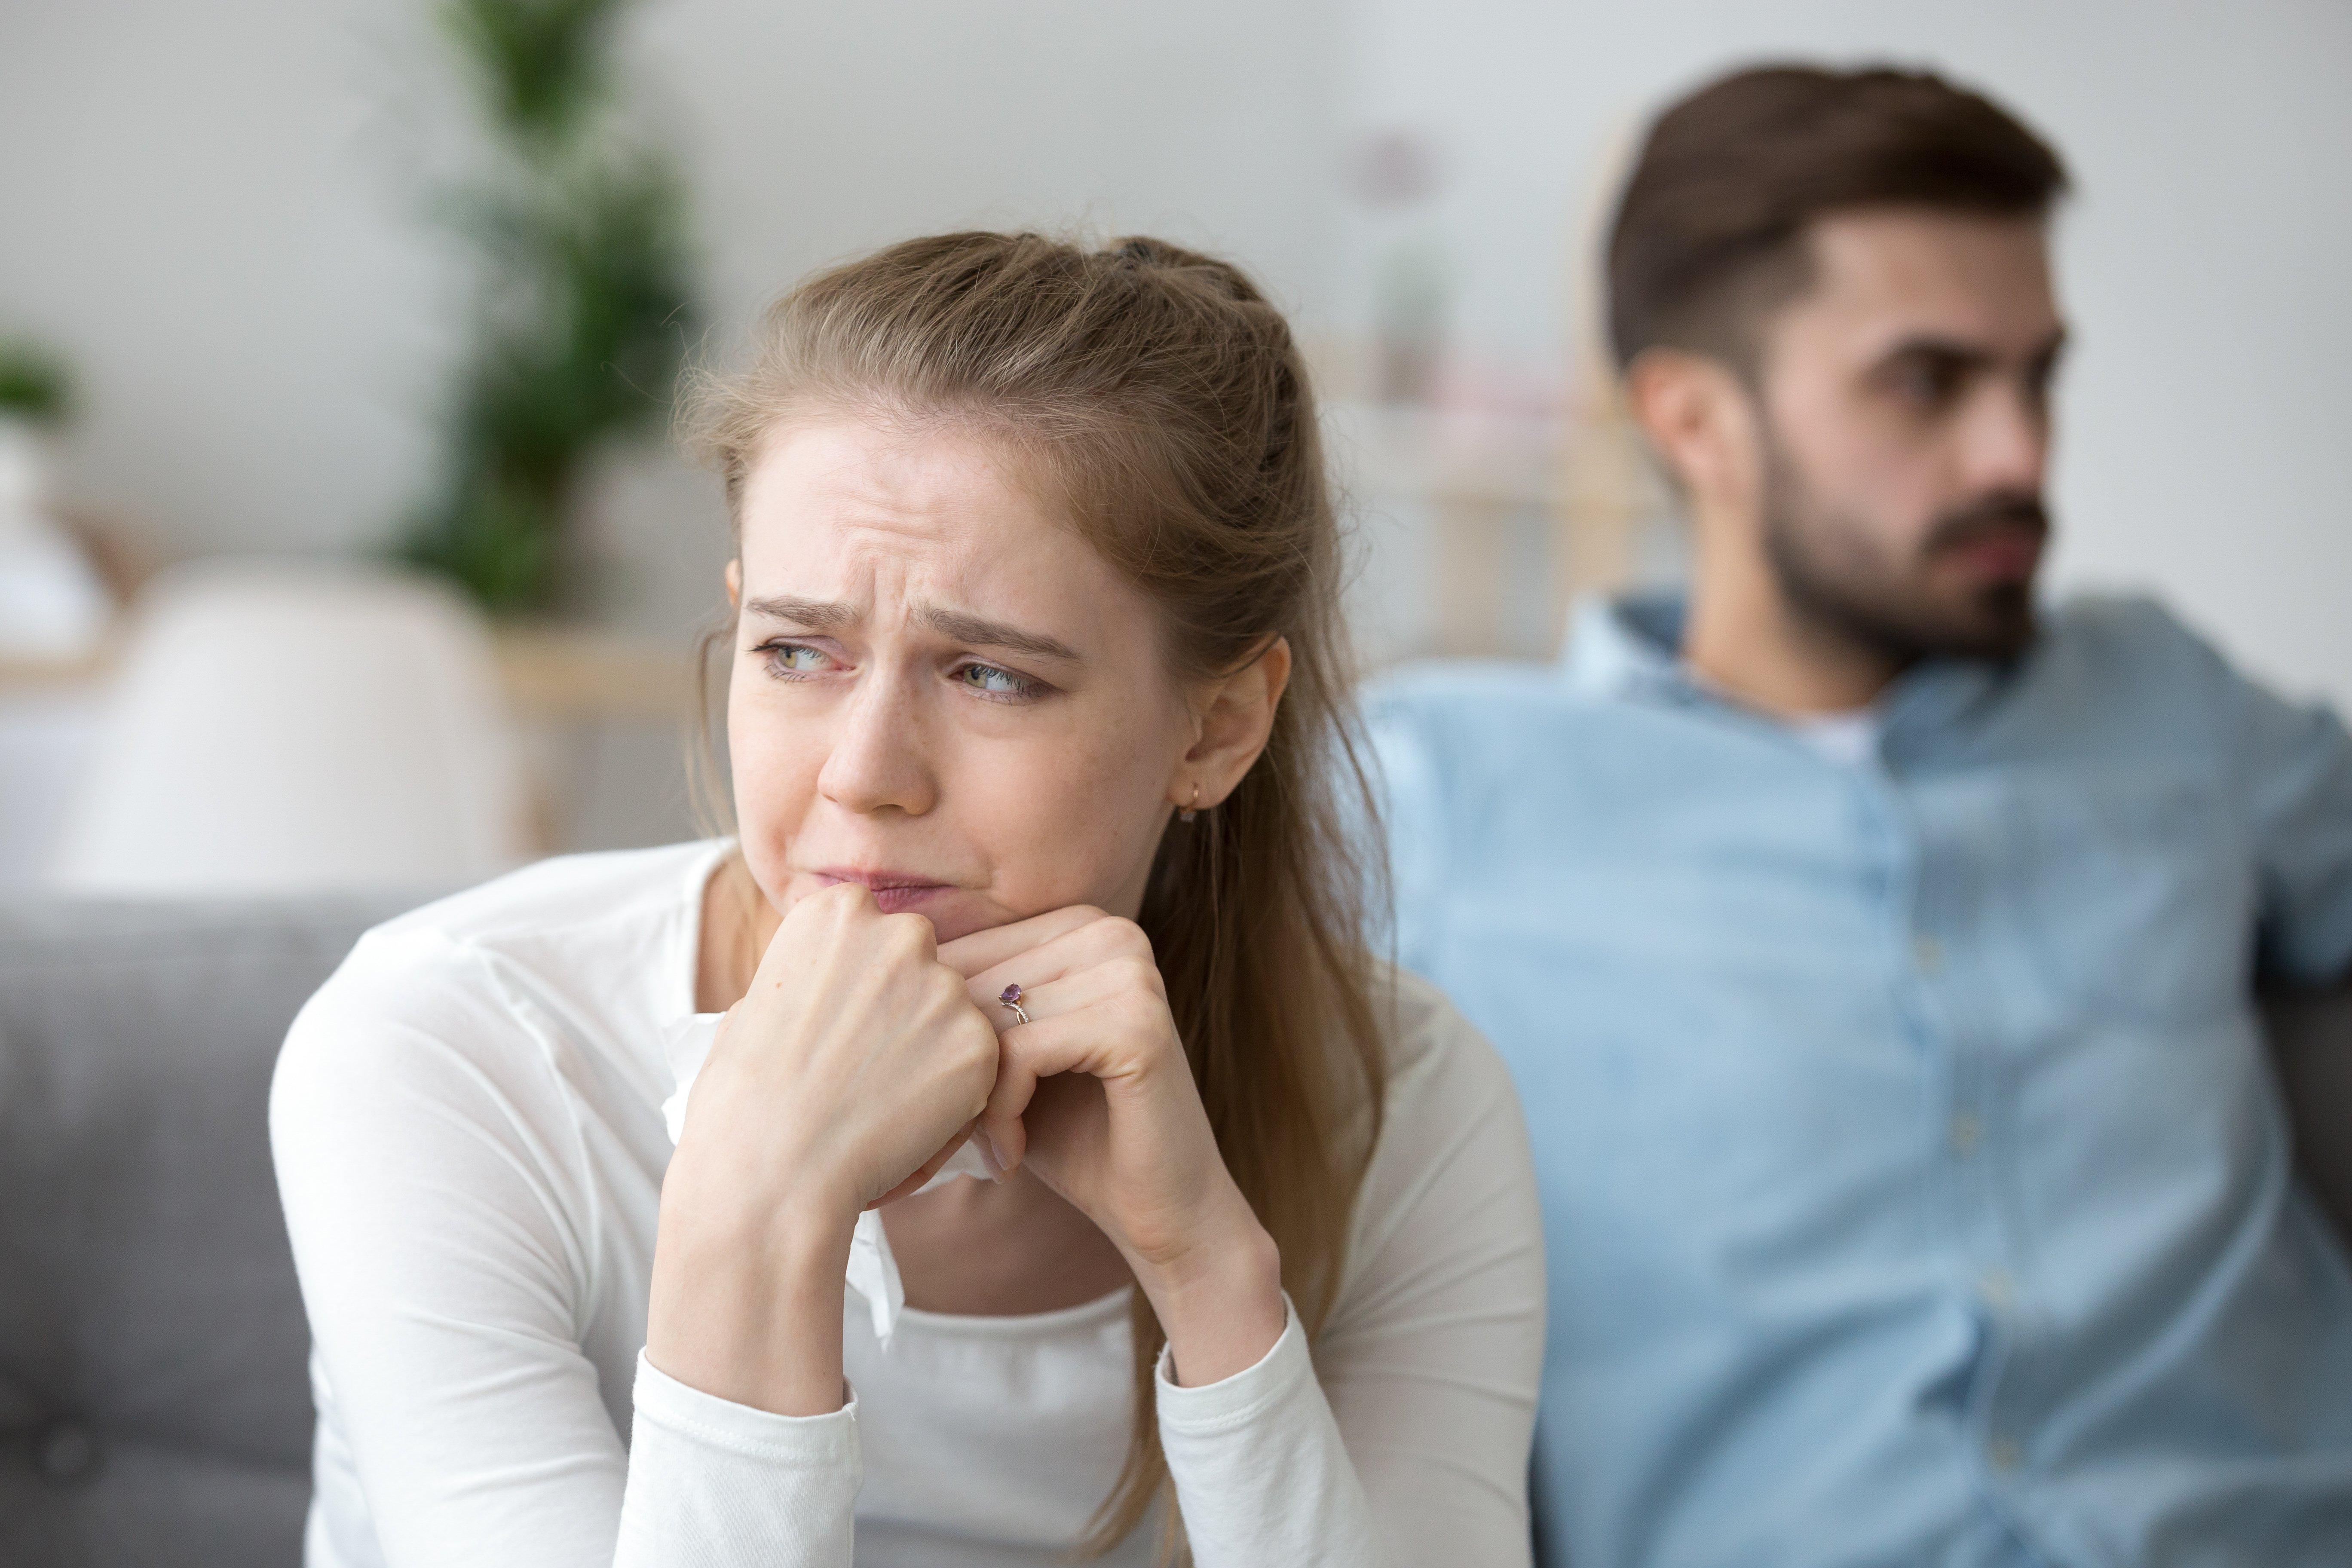 Mujer enojada y un hombre al fondo.   Foto: Shutterstock